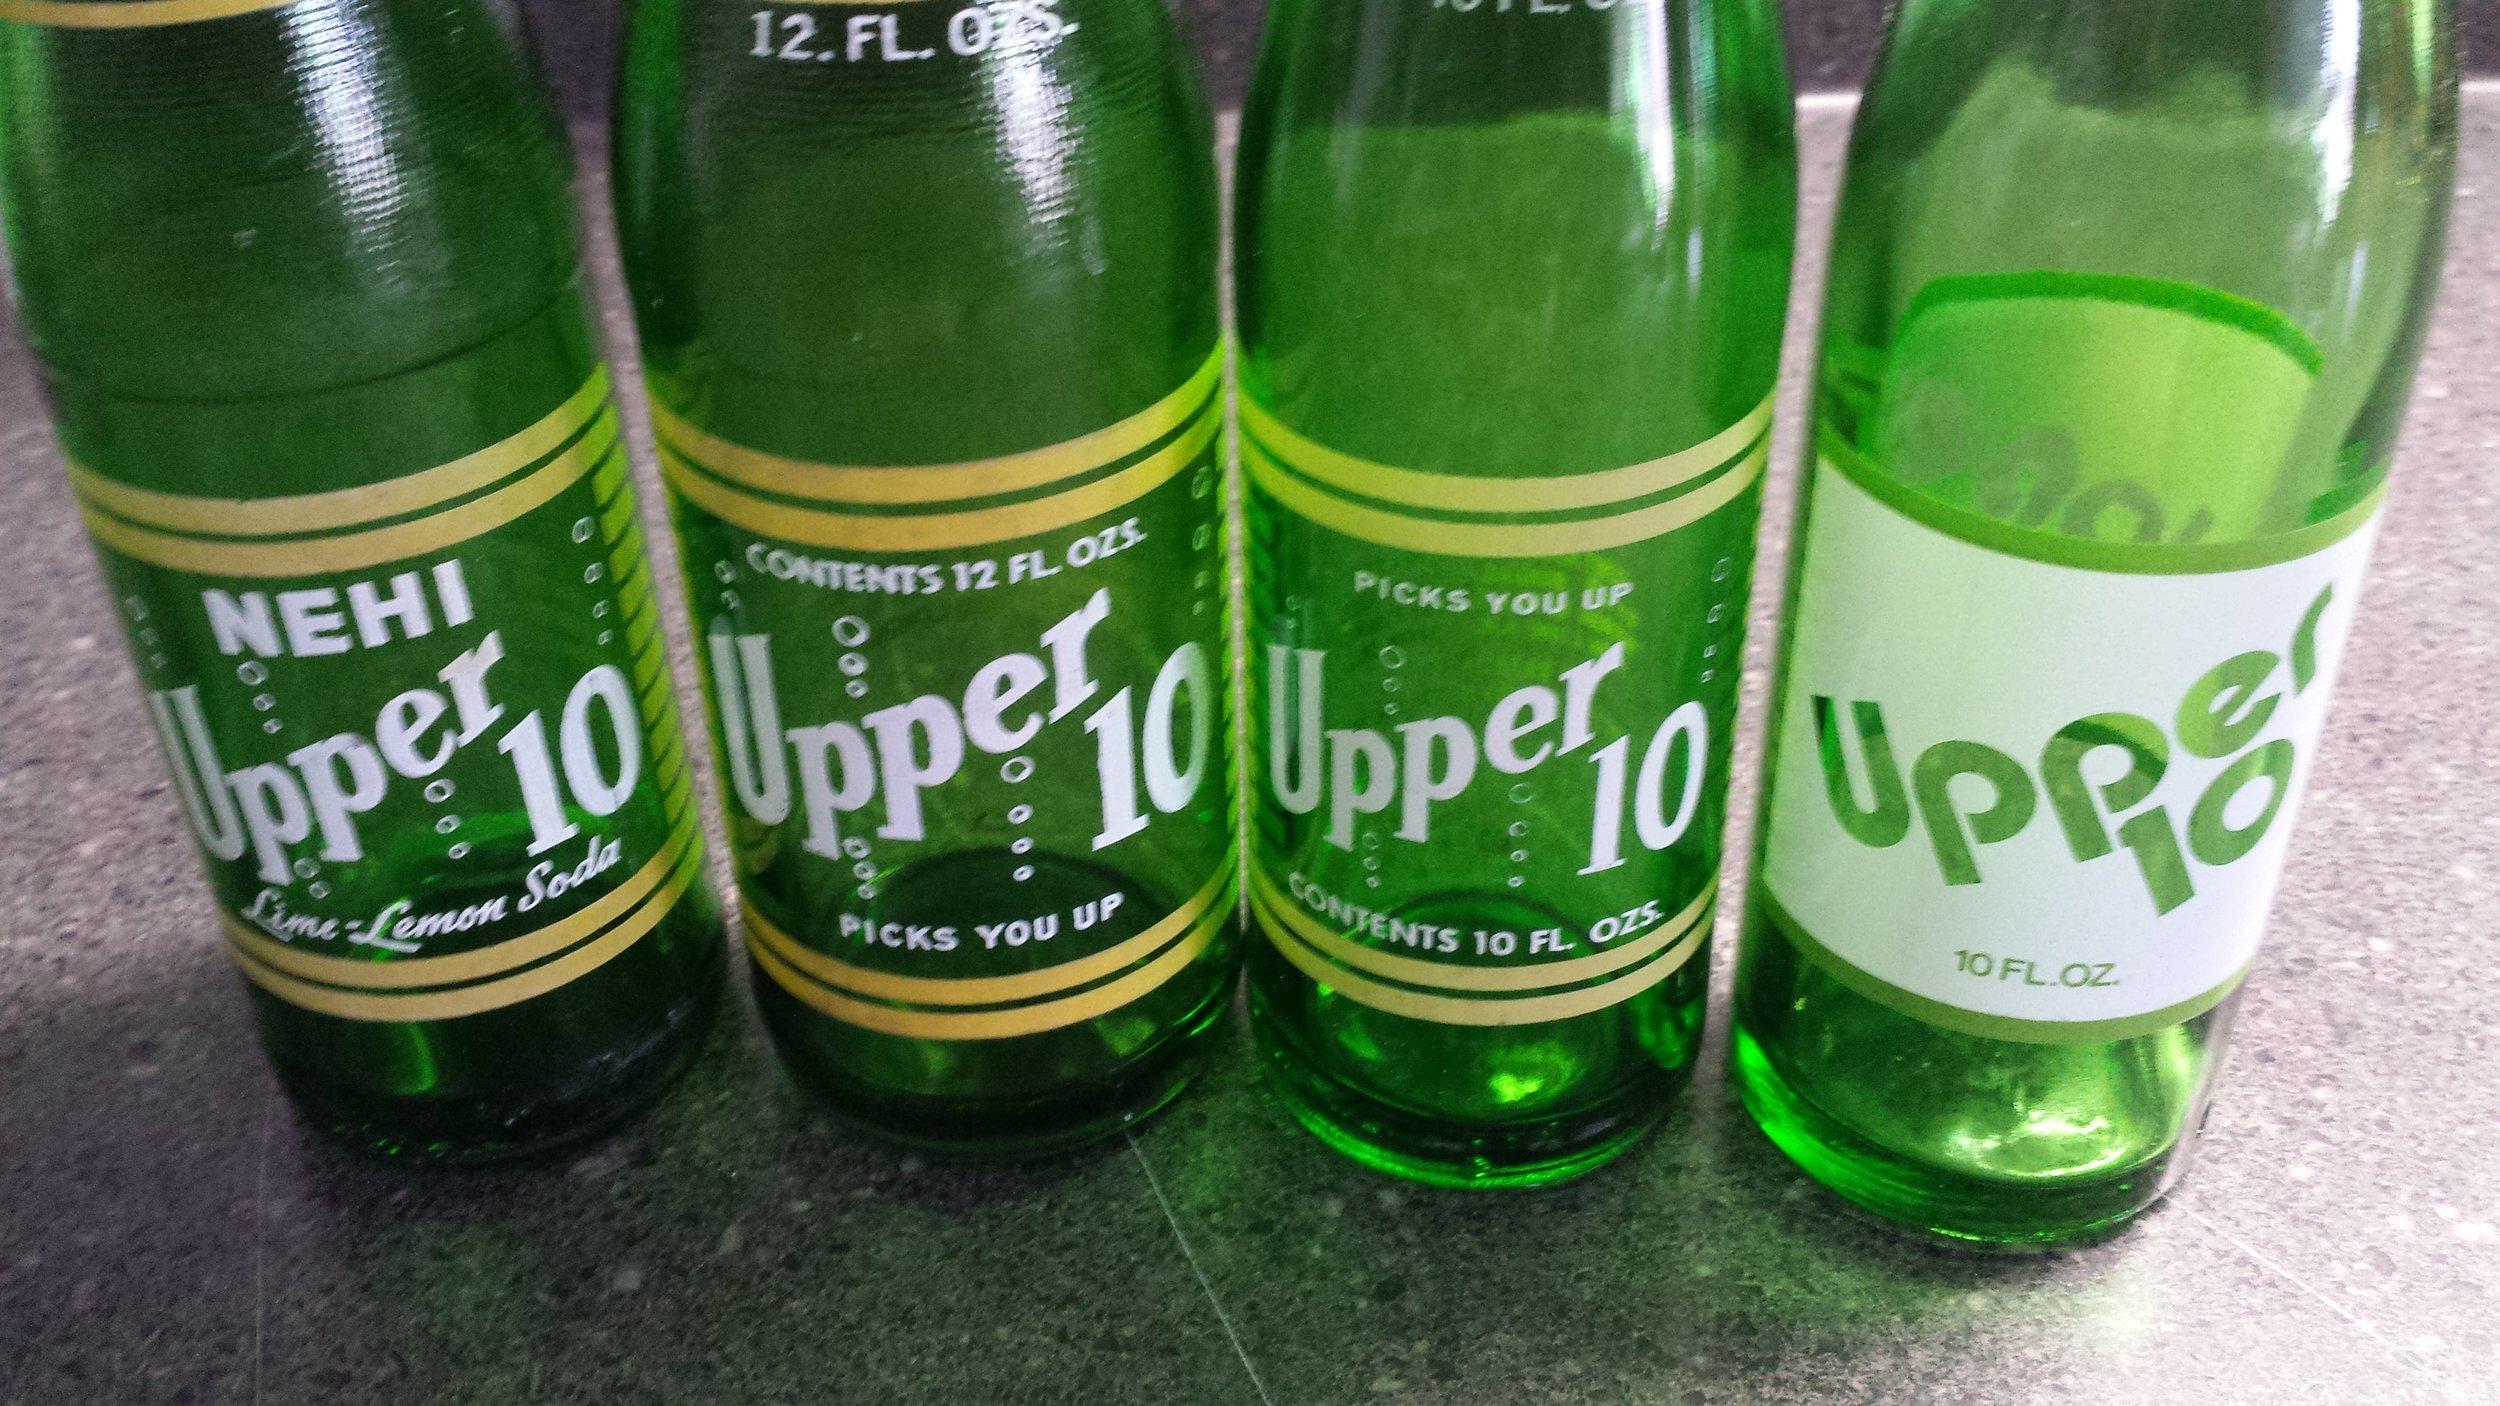 Upper 10